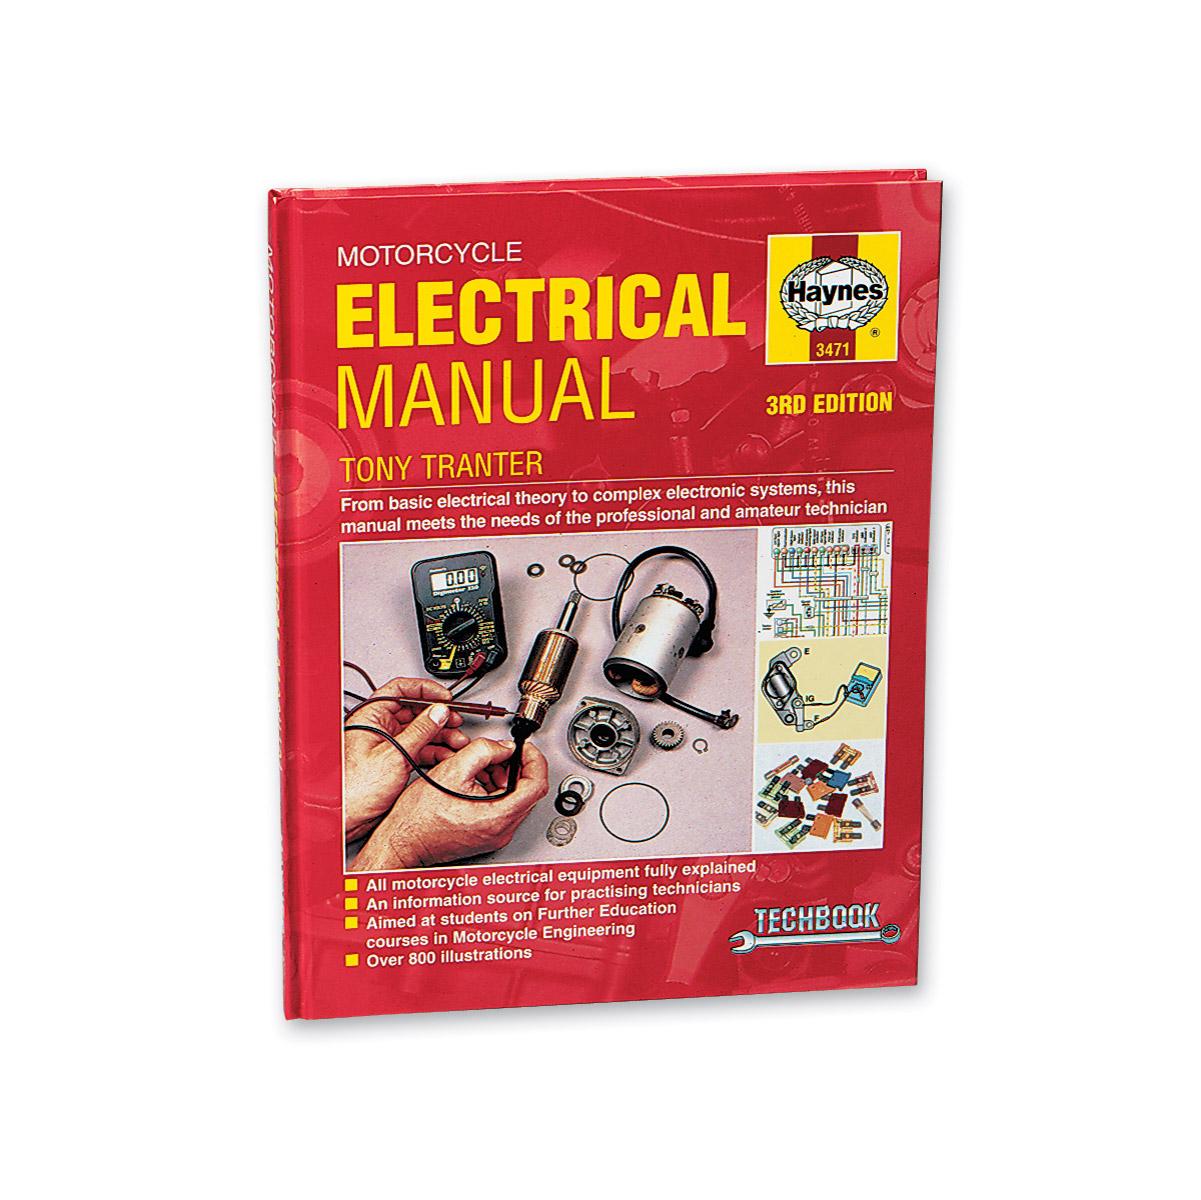 Haynes Motorcycle Electrical Manual